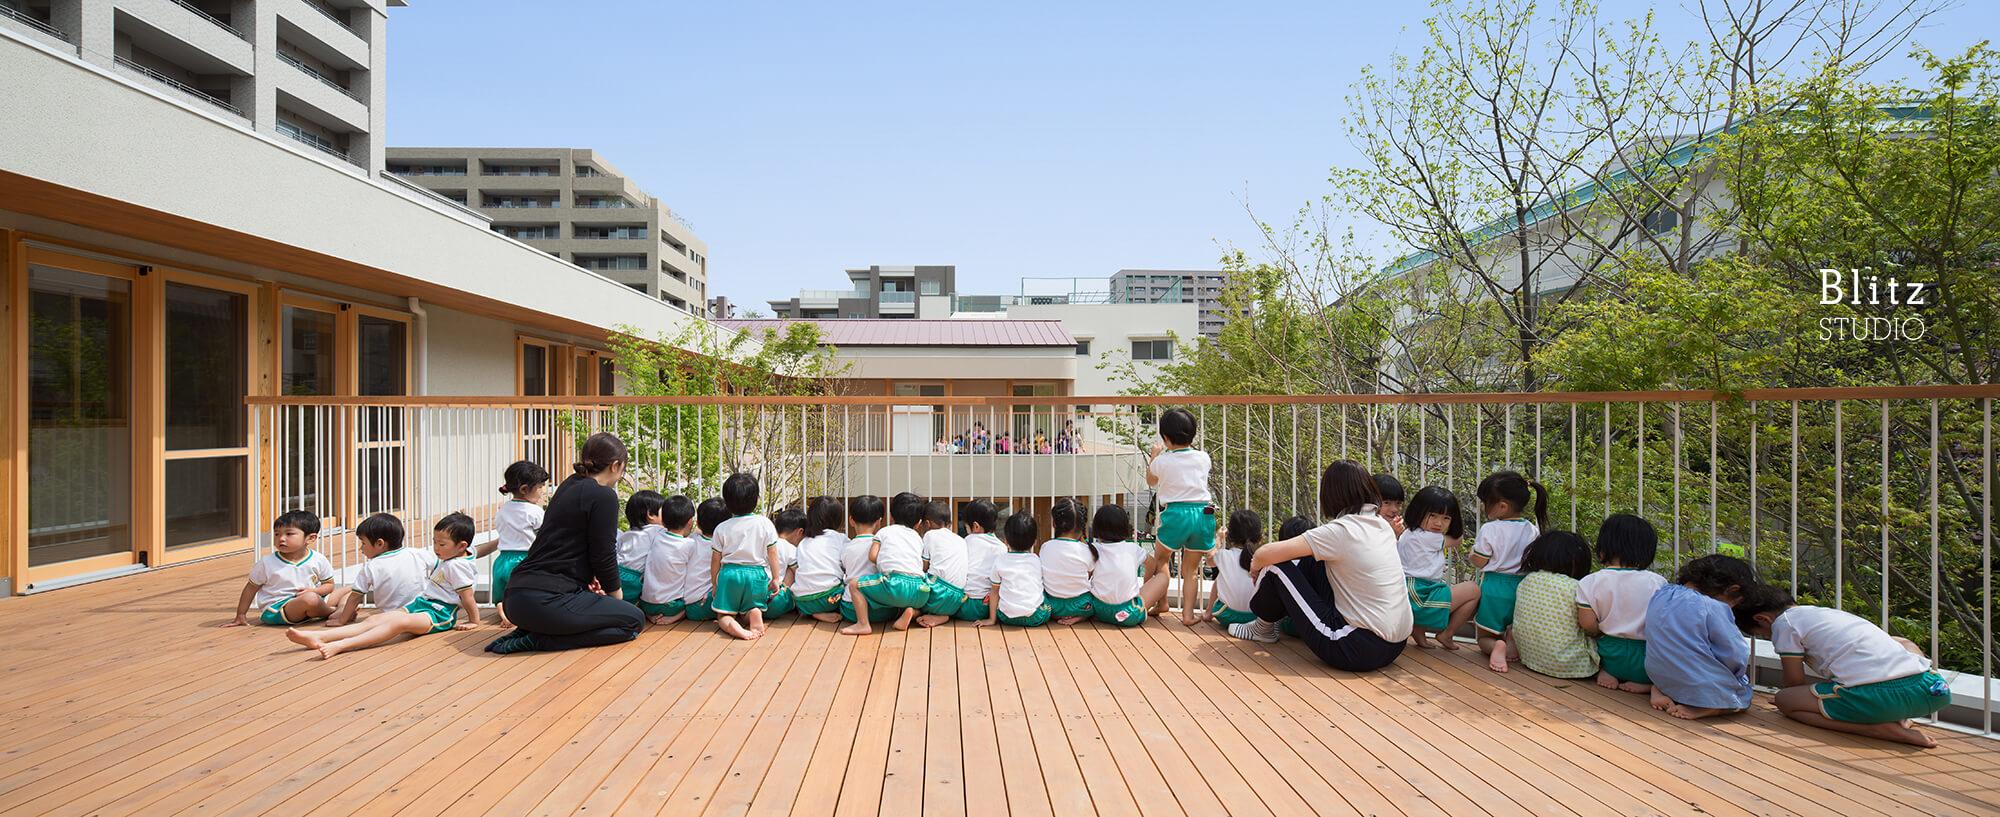 『社会福祉法人 浄水会 平尾保育園』建築写真・竣工写真・インテリア写真24